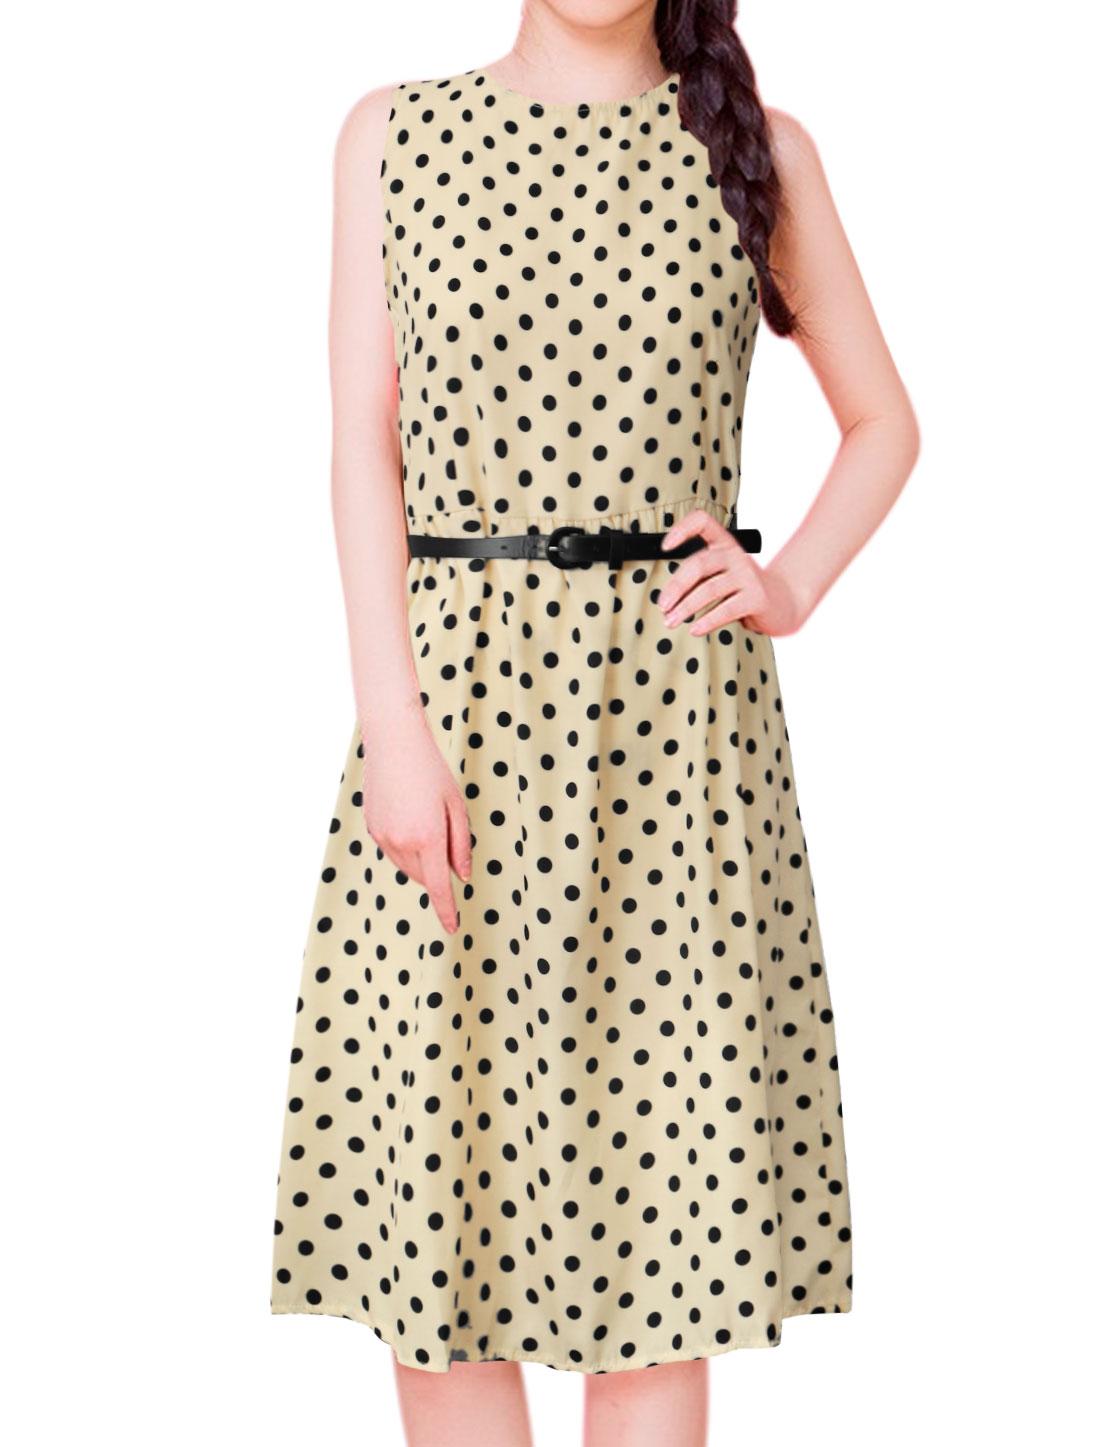 Women Polka Dots Print Sleeveless Belted A Line Dress Beige M